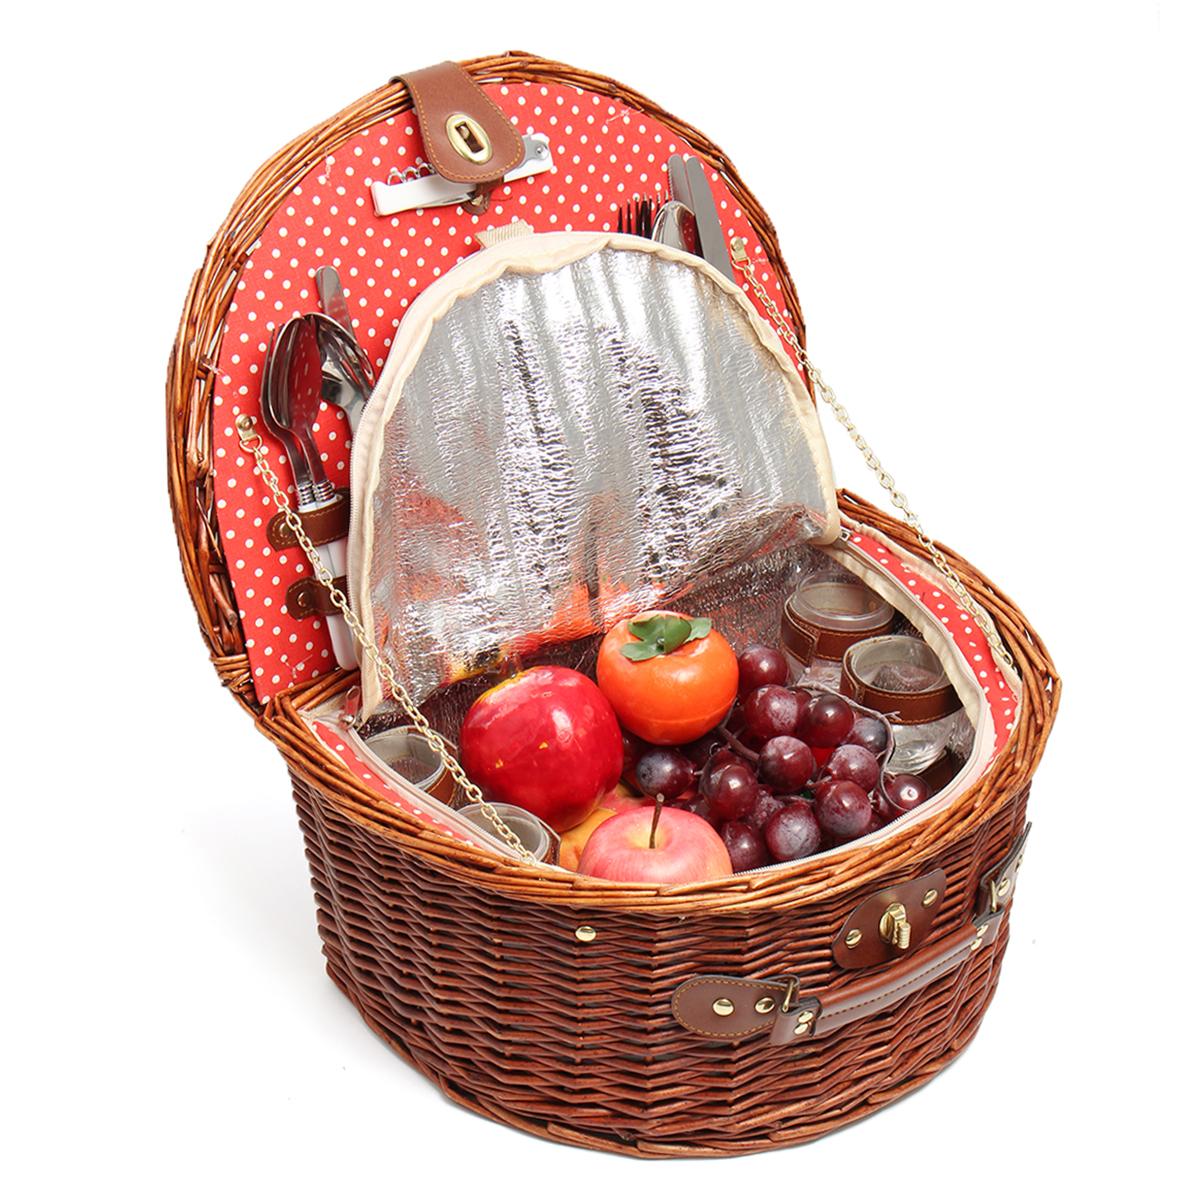 Retro Deluxe 4 Person Wicker Picnic Basket Hamper Set w/ Flatware Wine Glasses Lunch Boxes